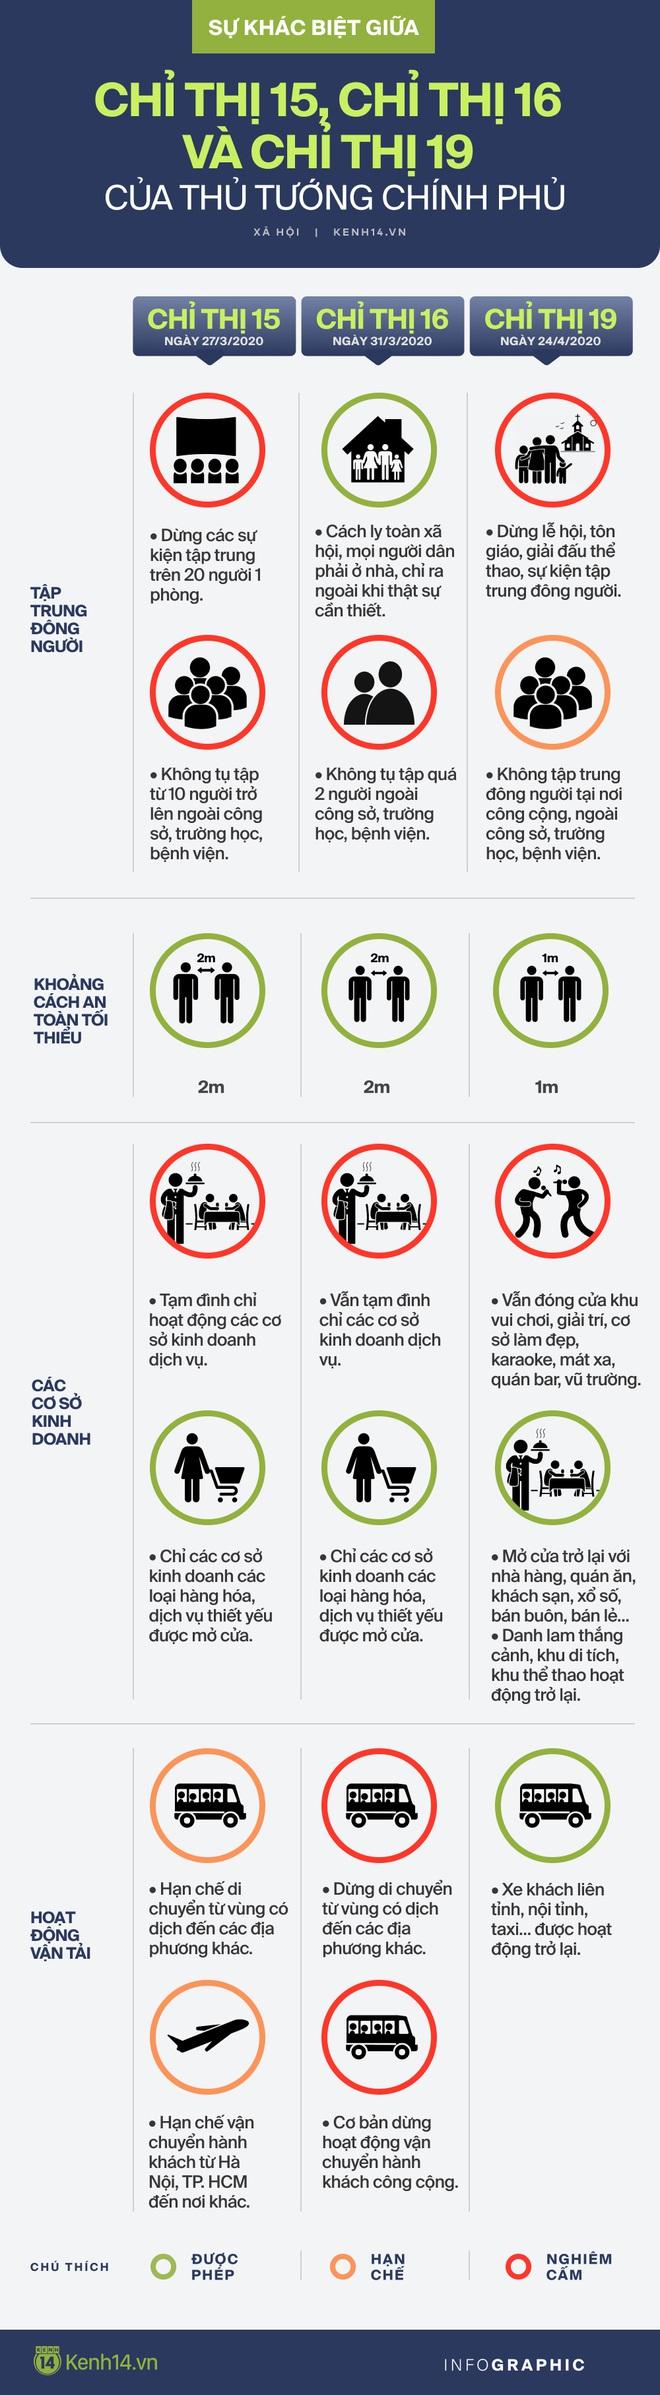 Sự khác nhau giữa Chỉ thị 15, Chỉ thị 16 và Chỉ thị 19 của Thủ tướng Chính phủ - ảnh 1